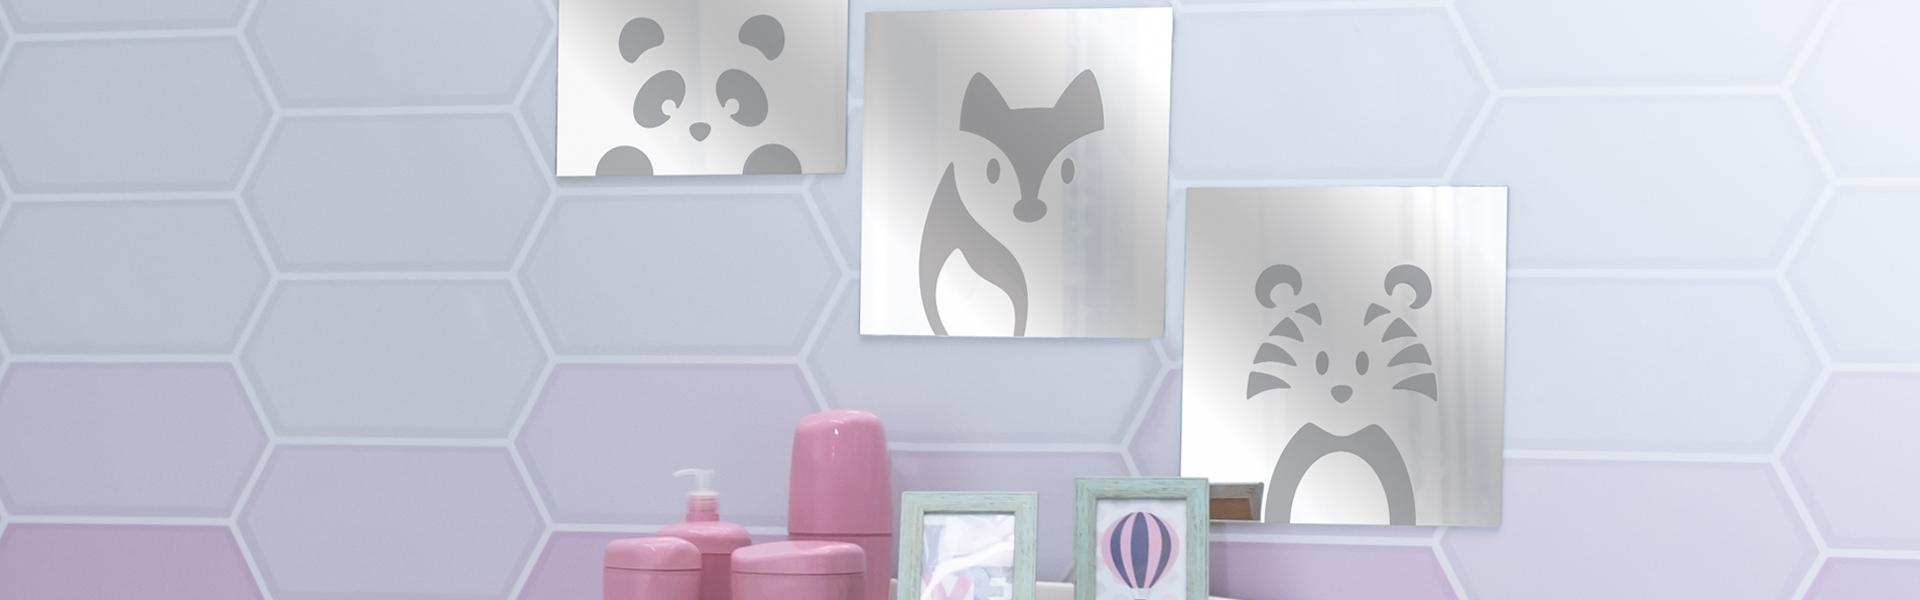 Espelhos decorados, de bancada e inclinável